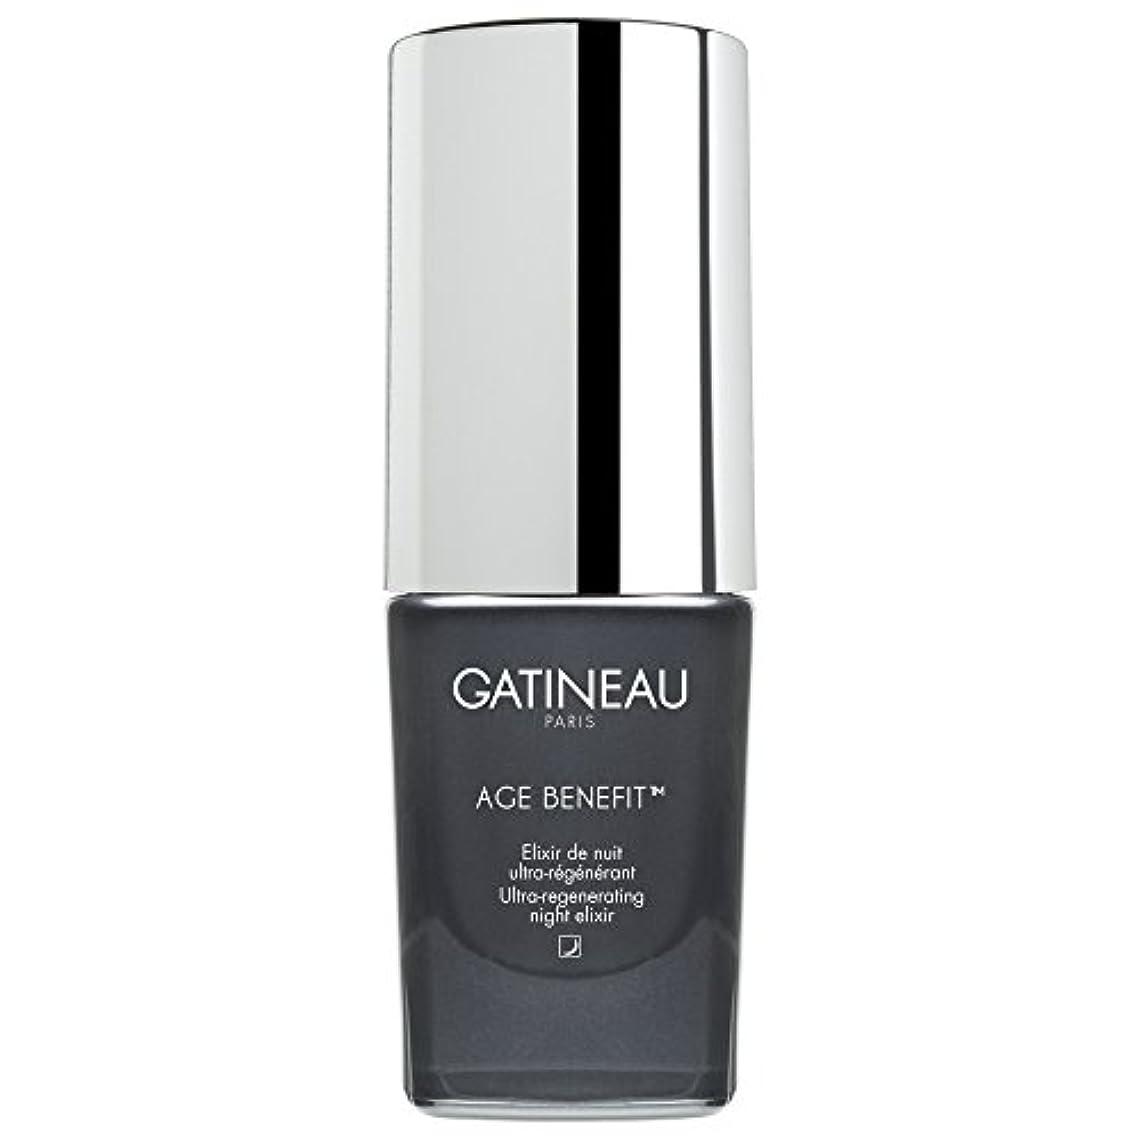 対抗ヘア実験的ガティノー年齢給付超再生夜のエリクシルの15ミリリットル (Gatineau) - Gatineau Age Benefit Ultra-Regenerating Night Elixir 15ml [並行輸入品]